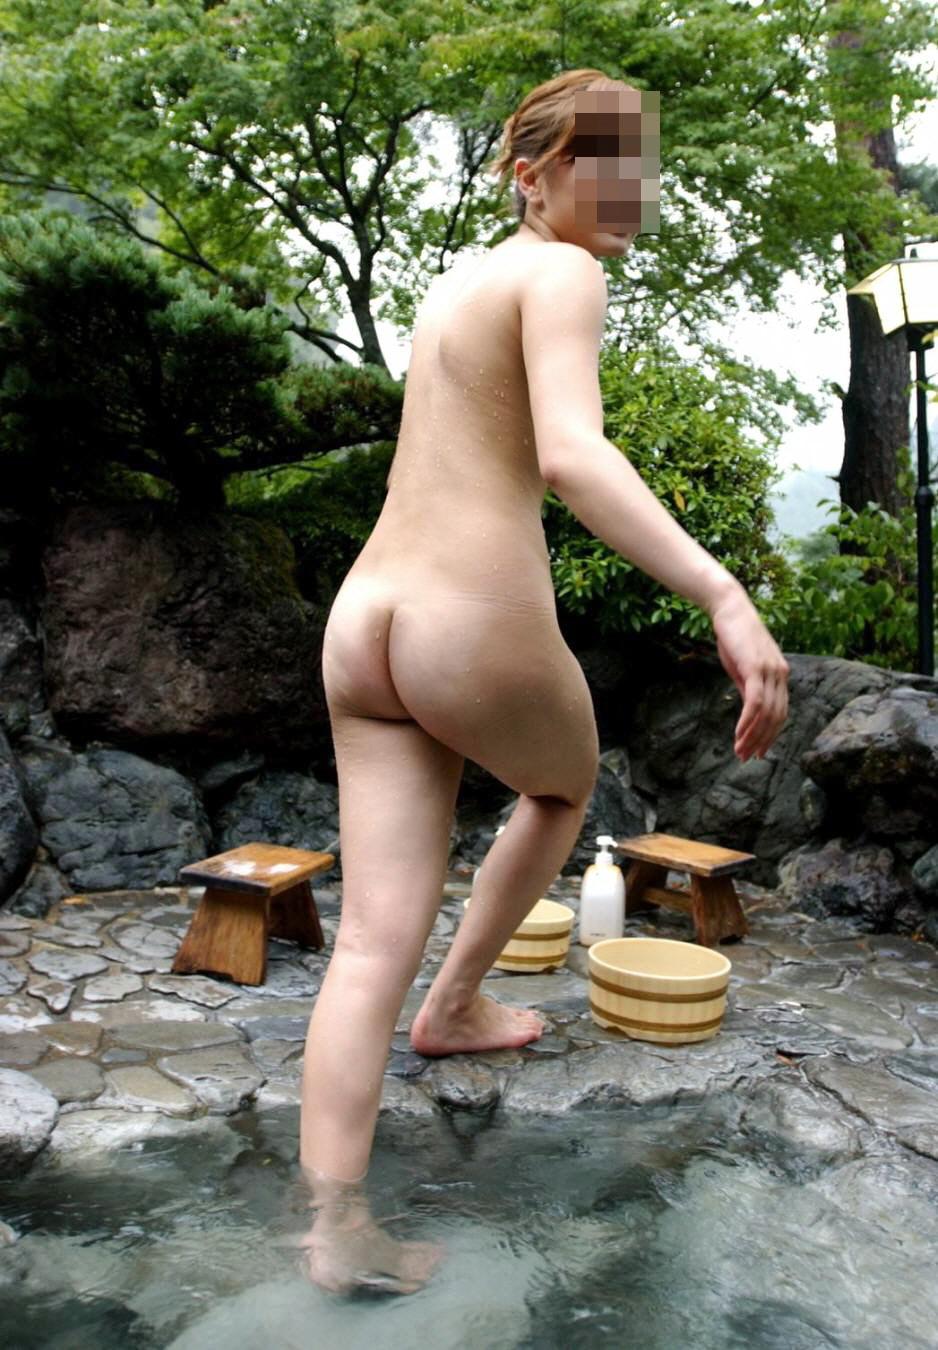 【温泉エロ画像】これもいわゆる露出w露天風呂でのヌード記念撮影www 08